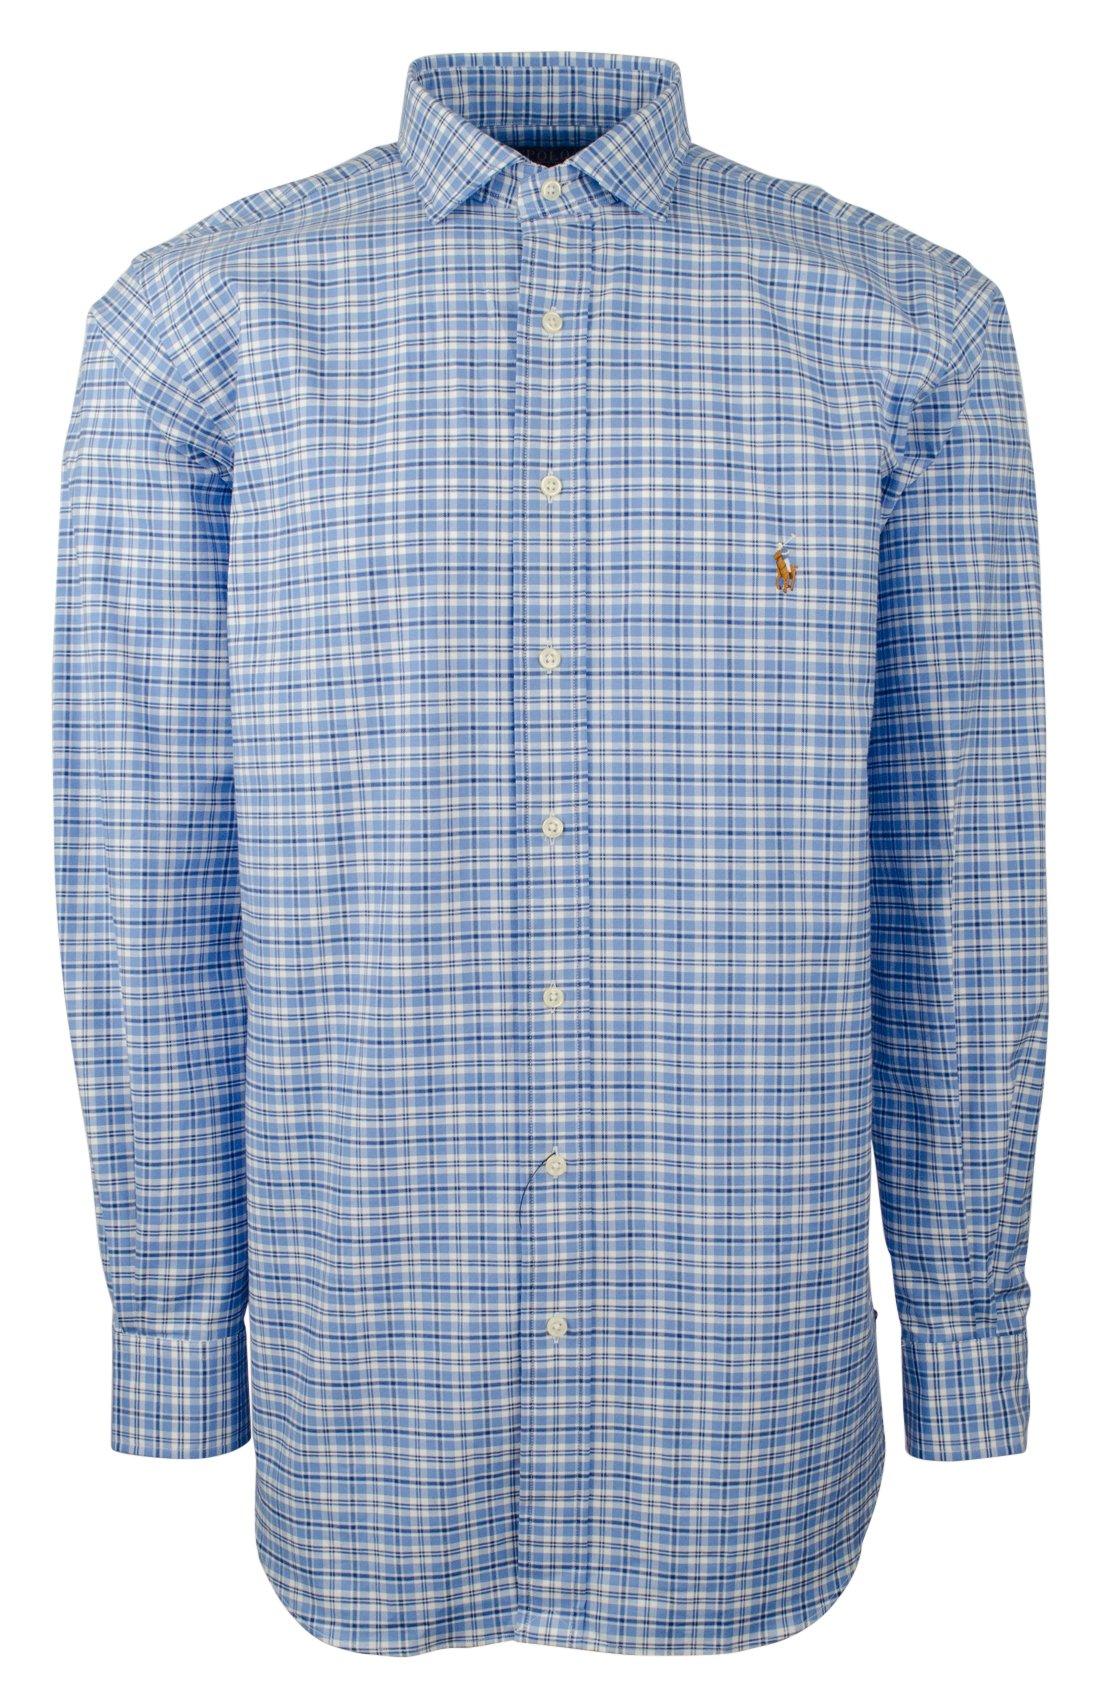 RALPH LAUREN Polo Men's Big & Tall Stretch Pinpoint Oxford Shirt-AN-Lt